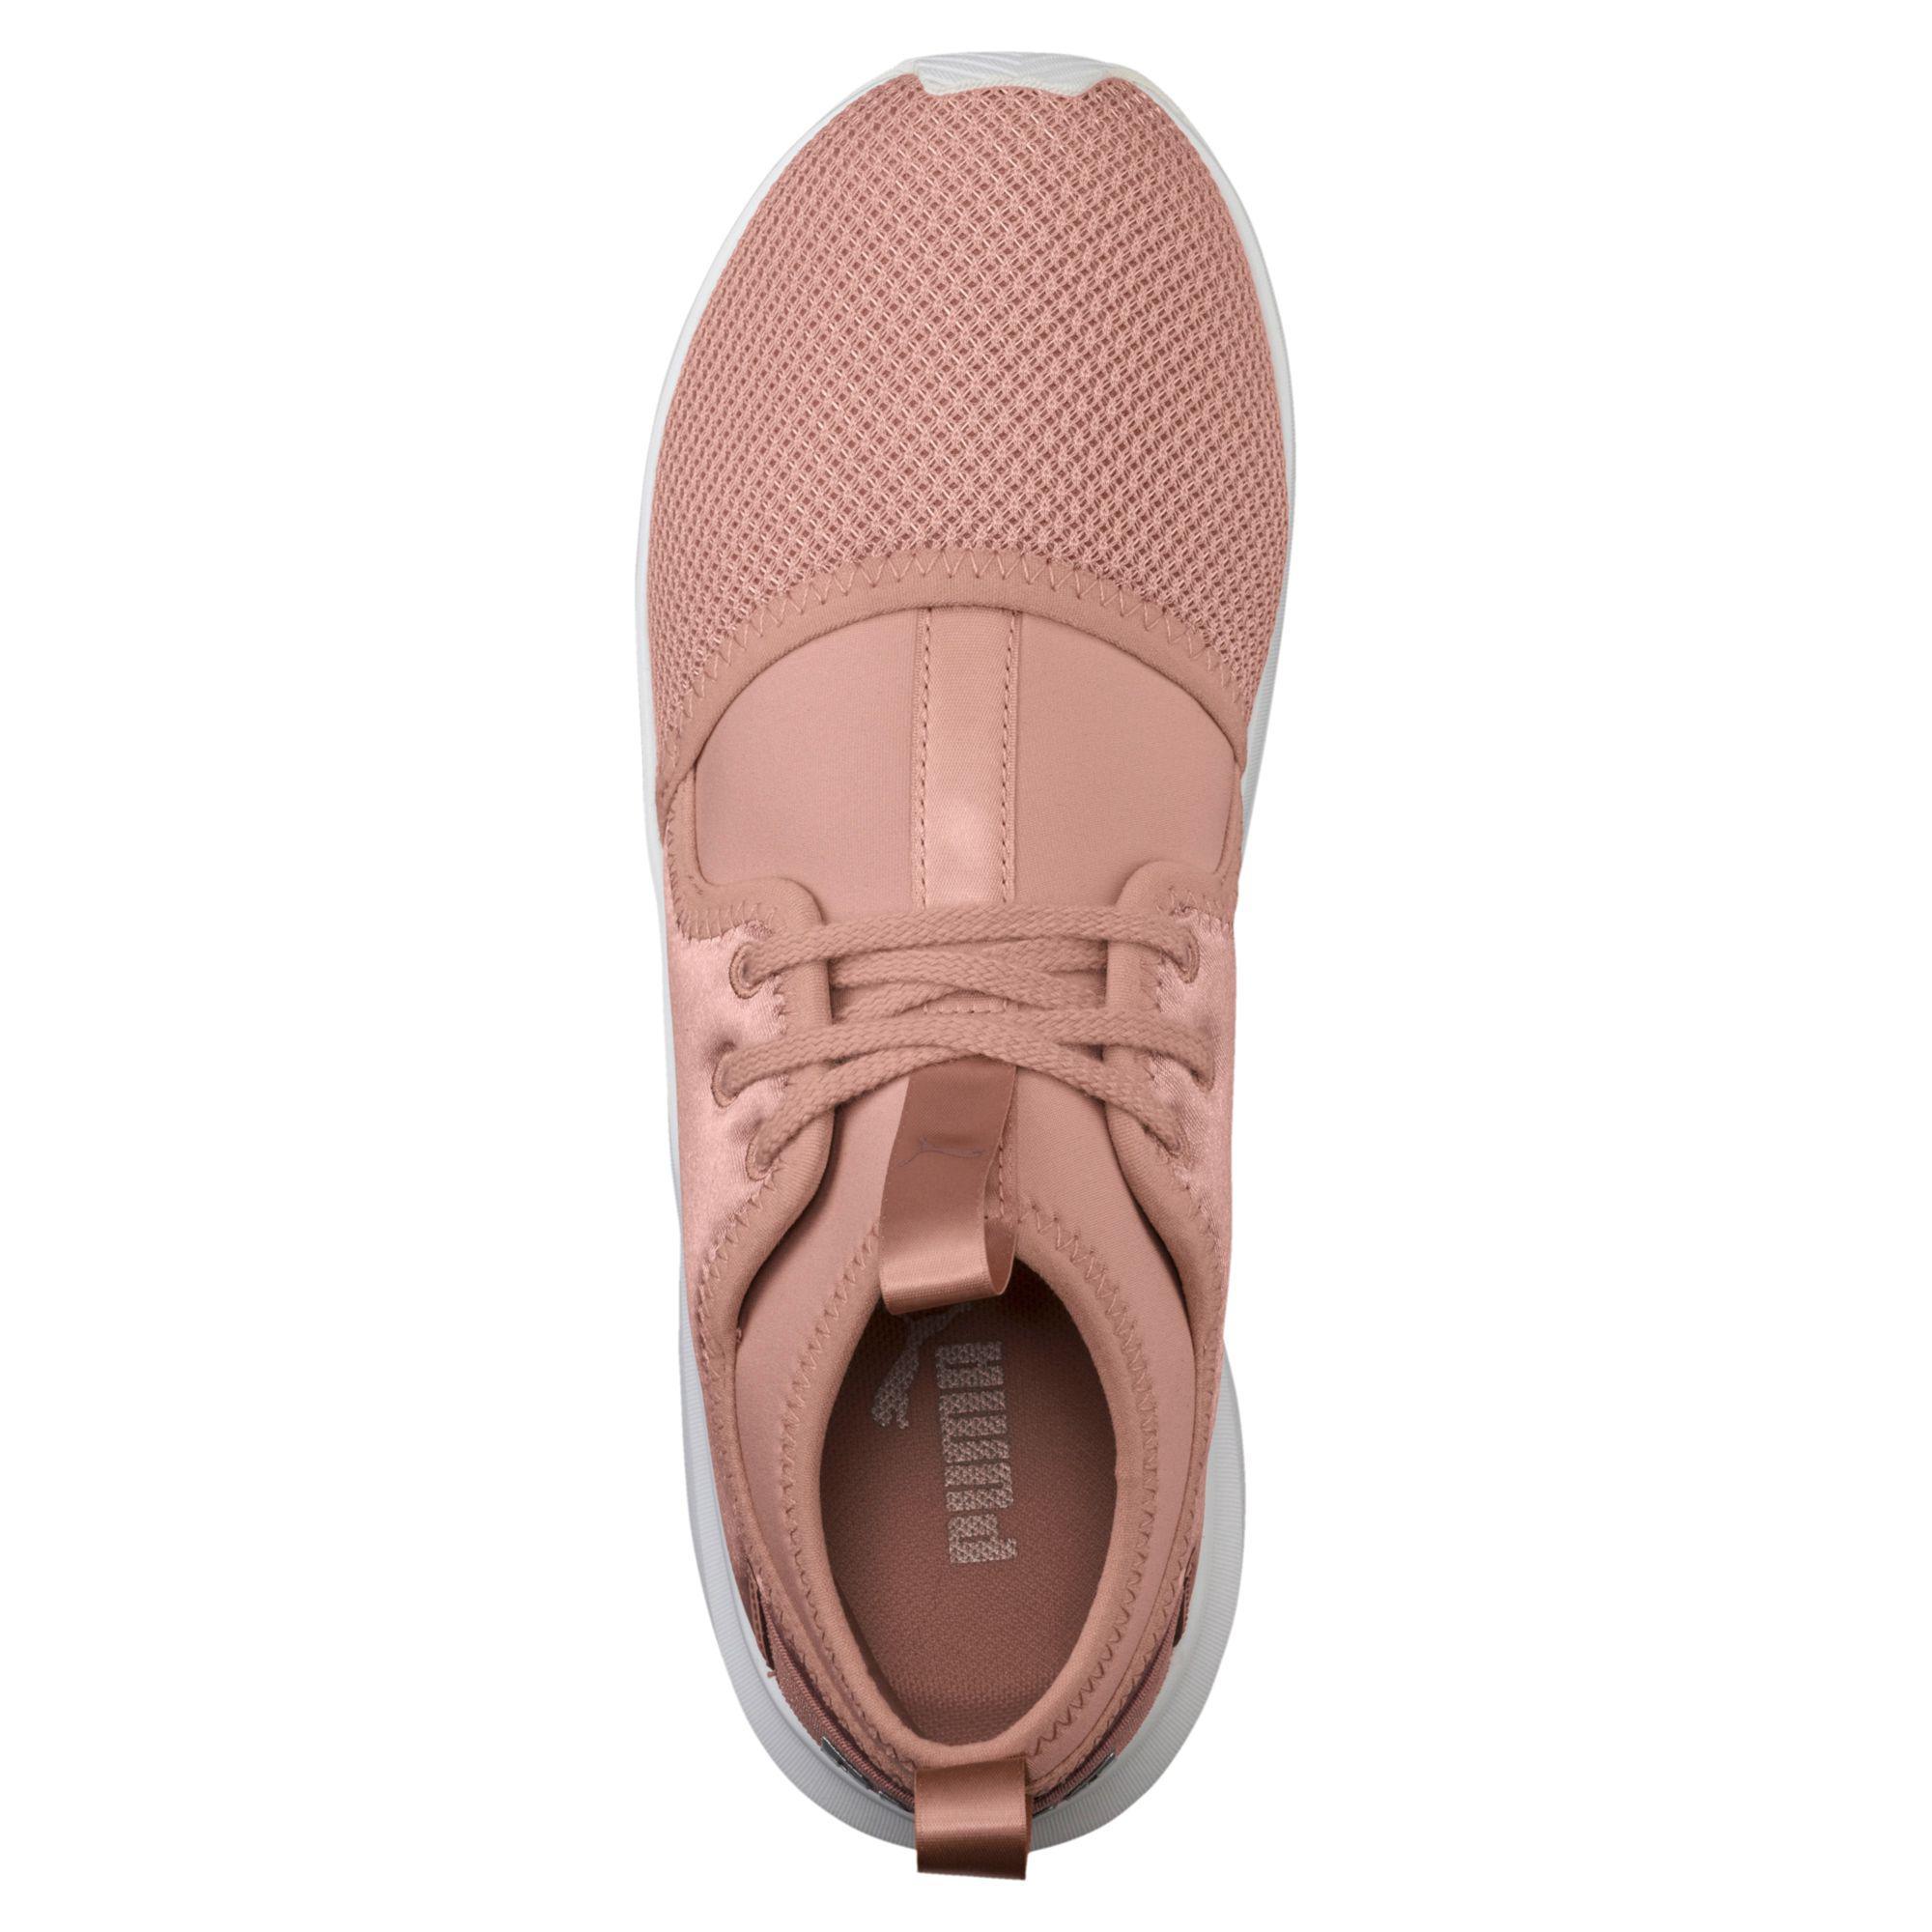 3b24e29a7dab Lyst - PUMA Phenom Satin Low Ep Women s Training Shoes